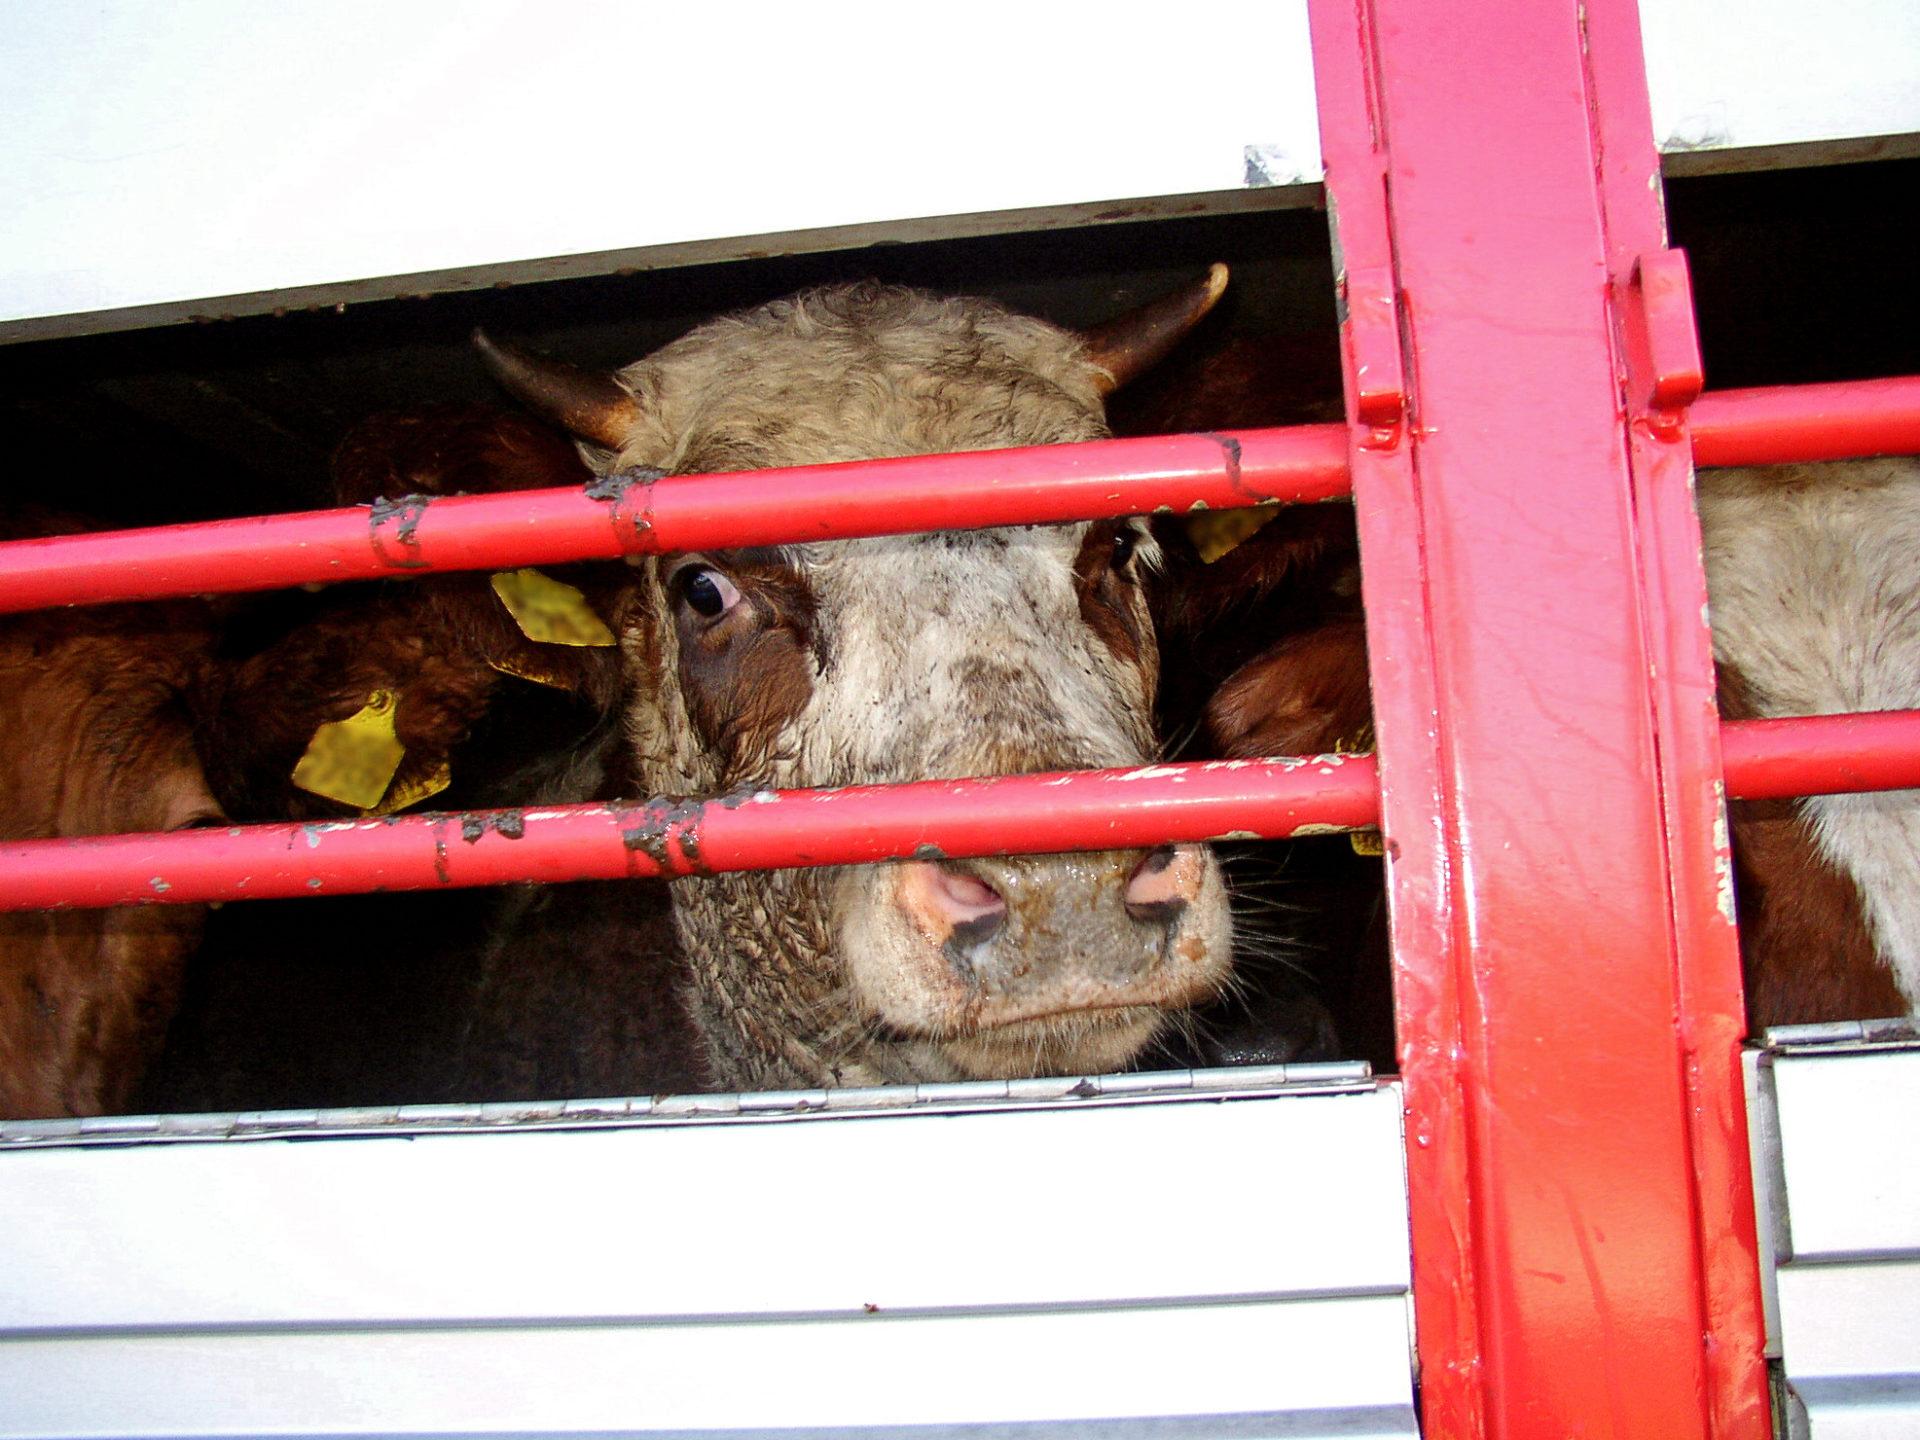 ЄС відмовиться від використання кліток у тваринництві до 2027 року